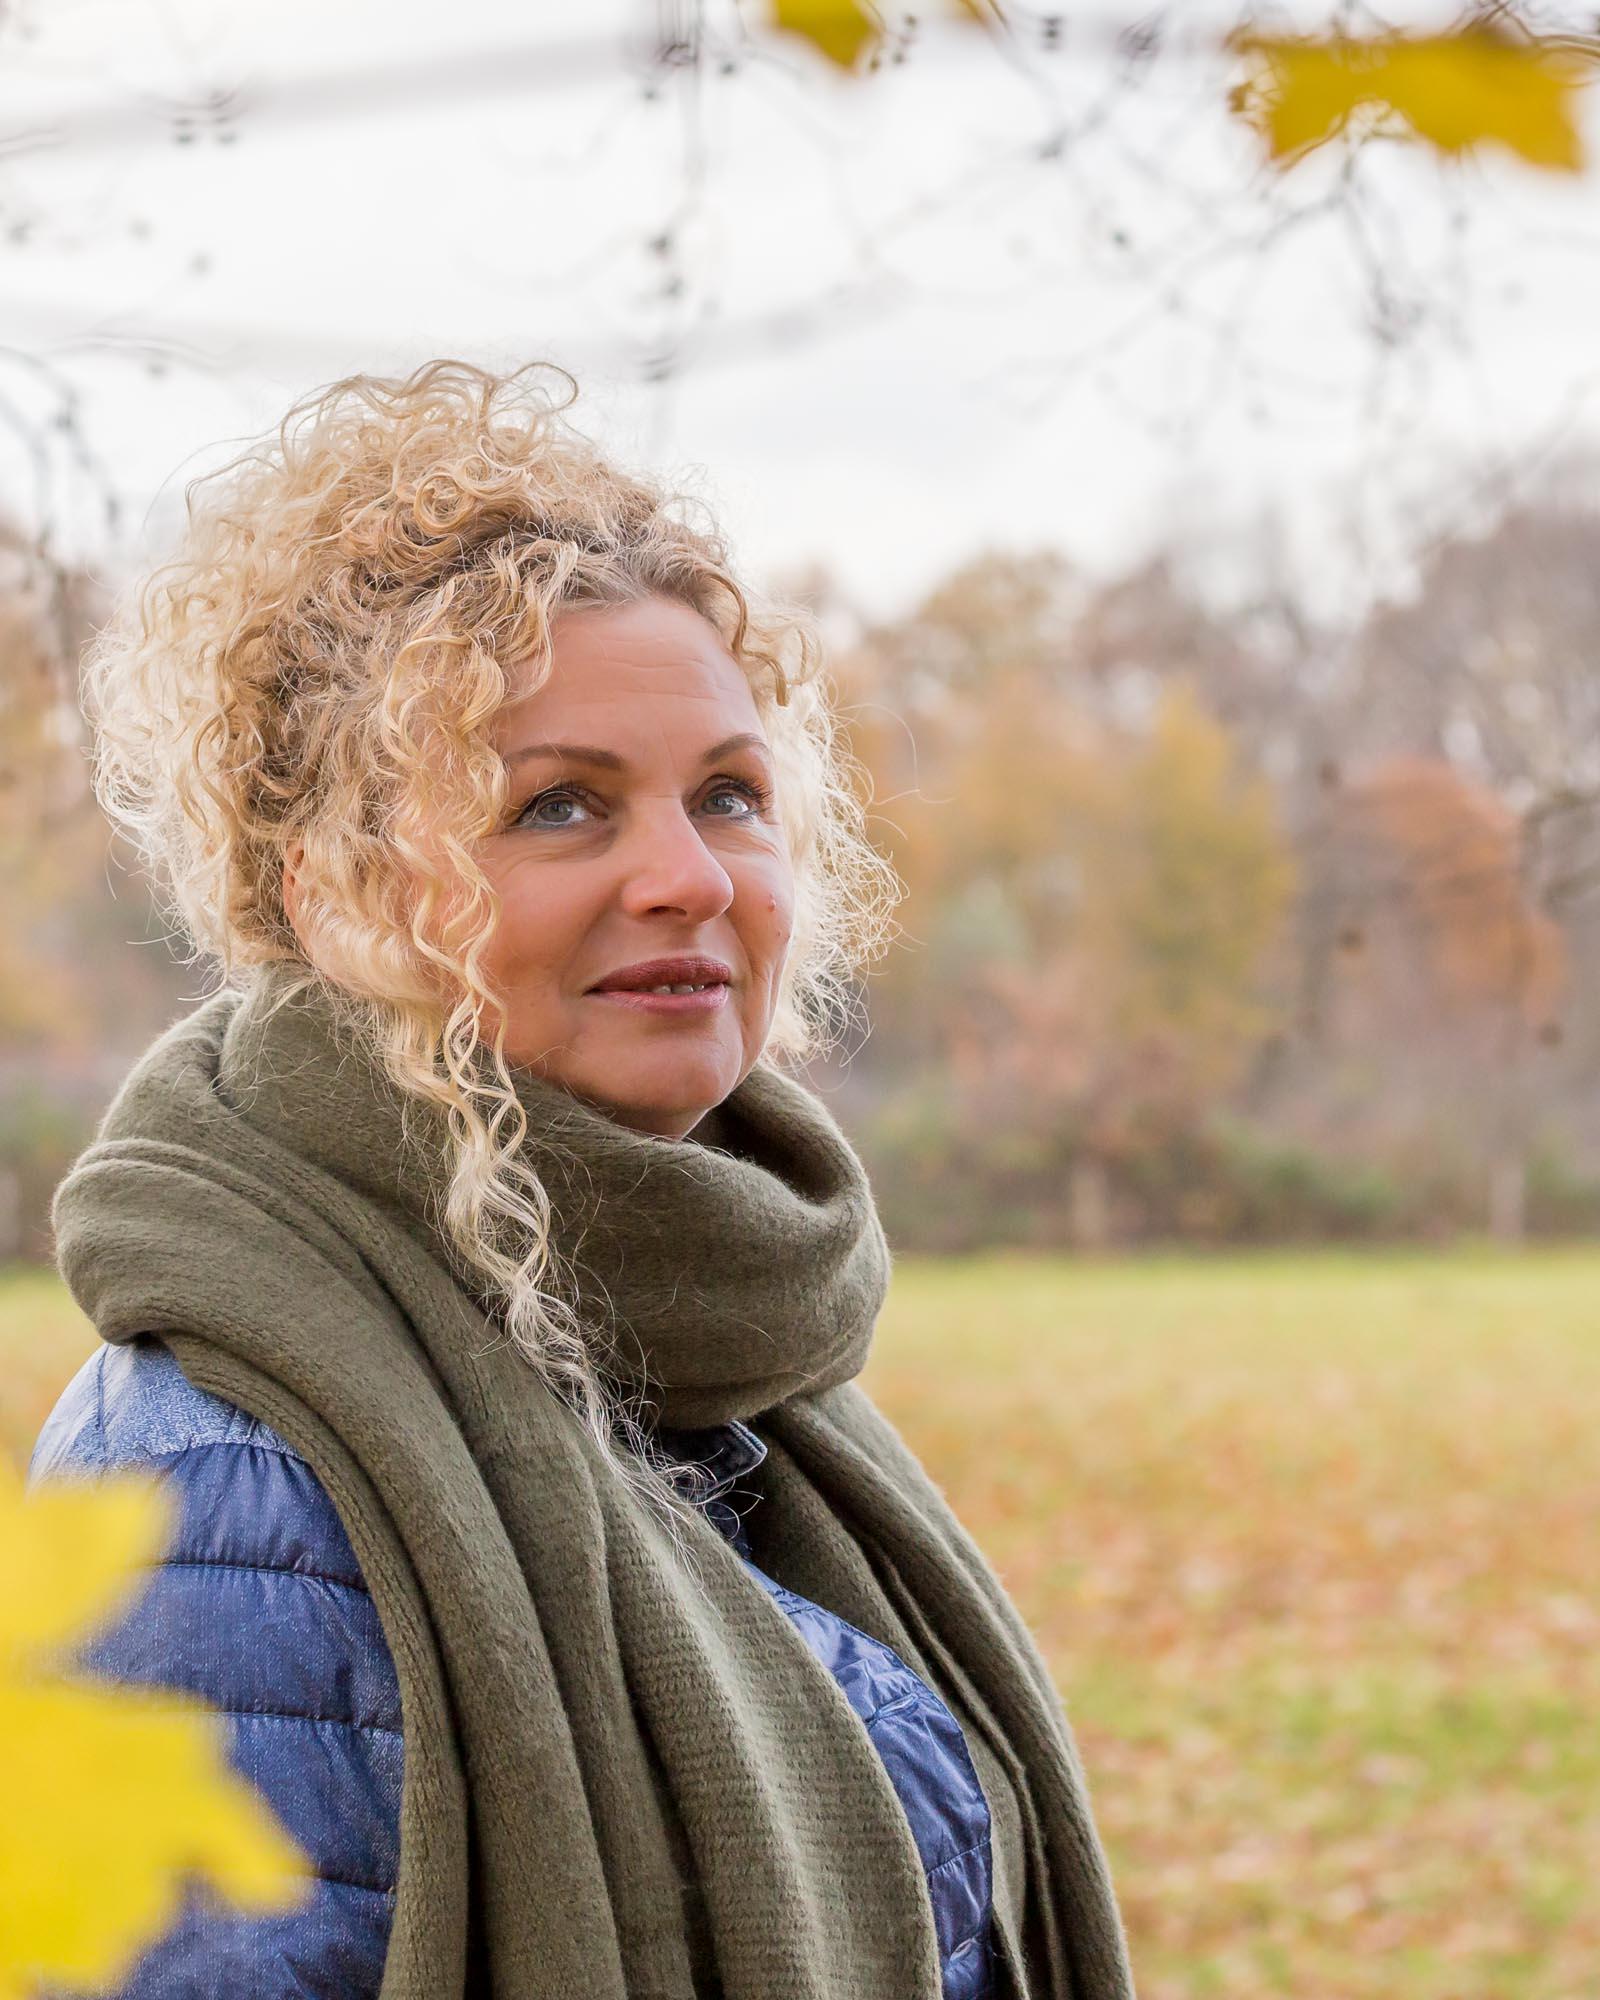 Portretfotograaf in Amersfoort, Nijkerk, Hoevelaken. Zakelijk portret. Portretfotografie. Beeldbank. Mayra Fotografie